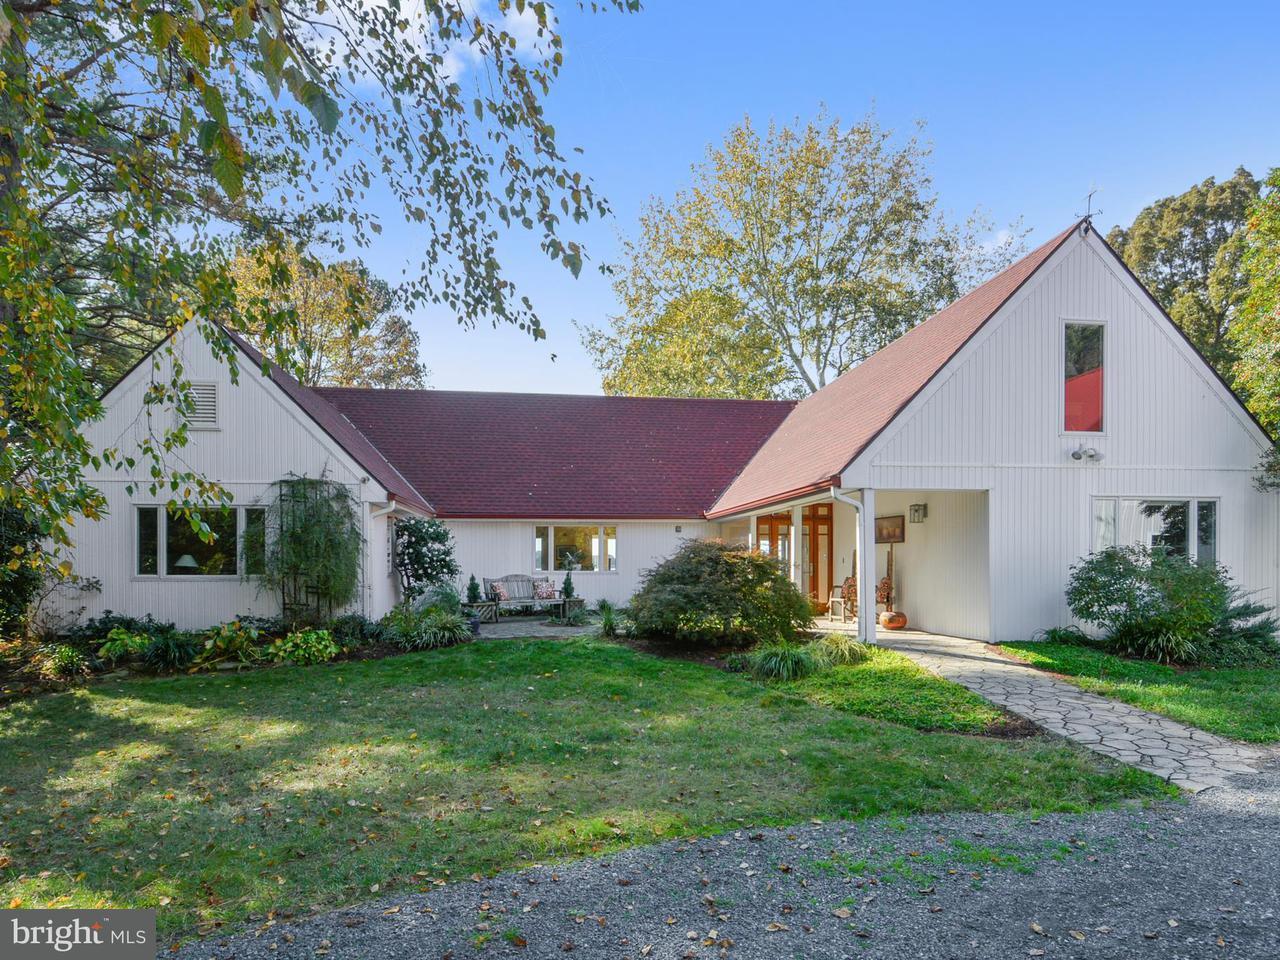 Casa Unifamiliar por un Venta en 6800 THORNETON Road 6800 THORNETON Road Royal Oak, Maryland 21662 Estados Unidos